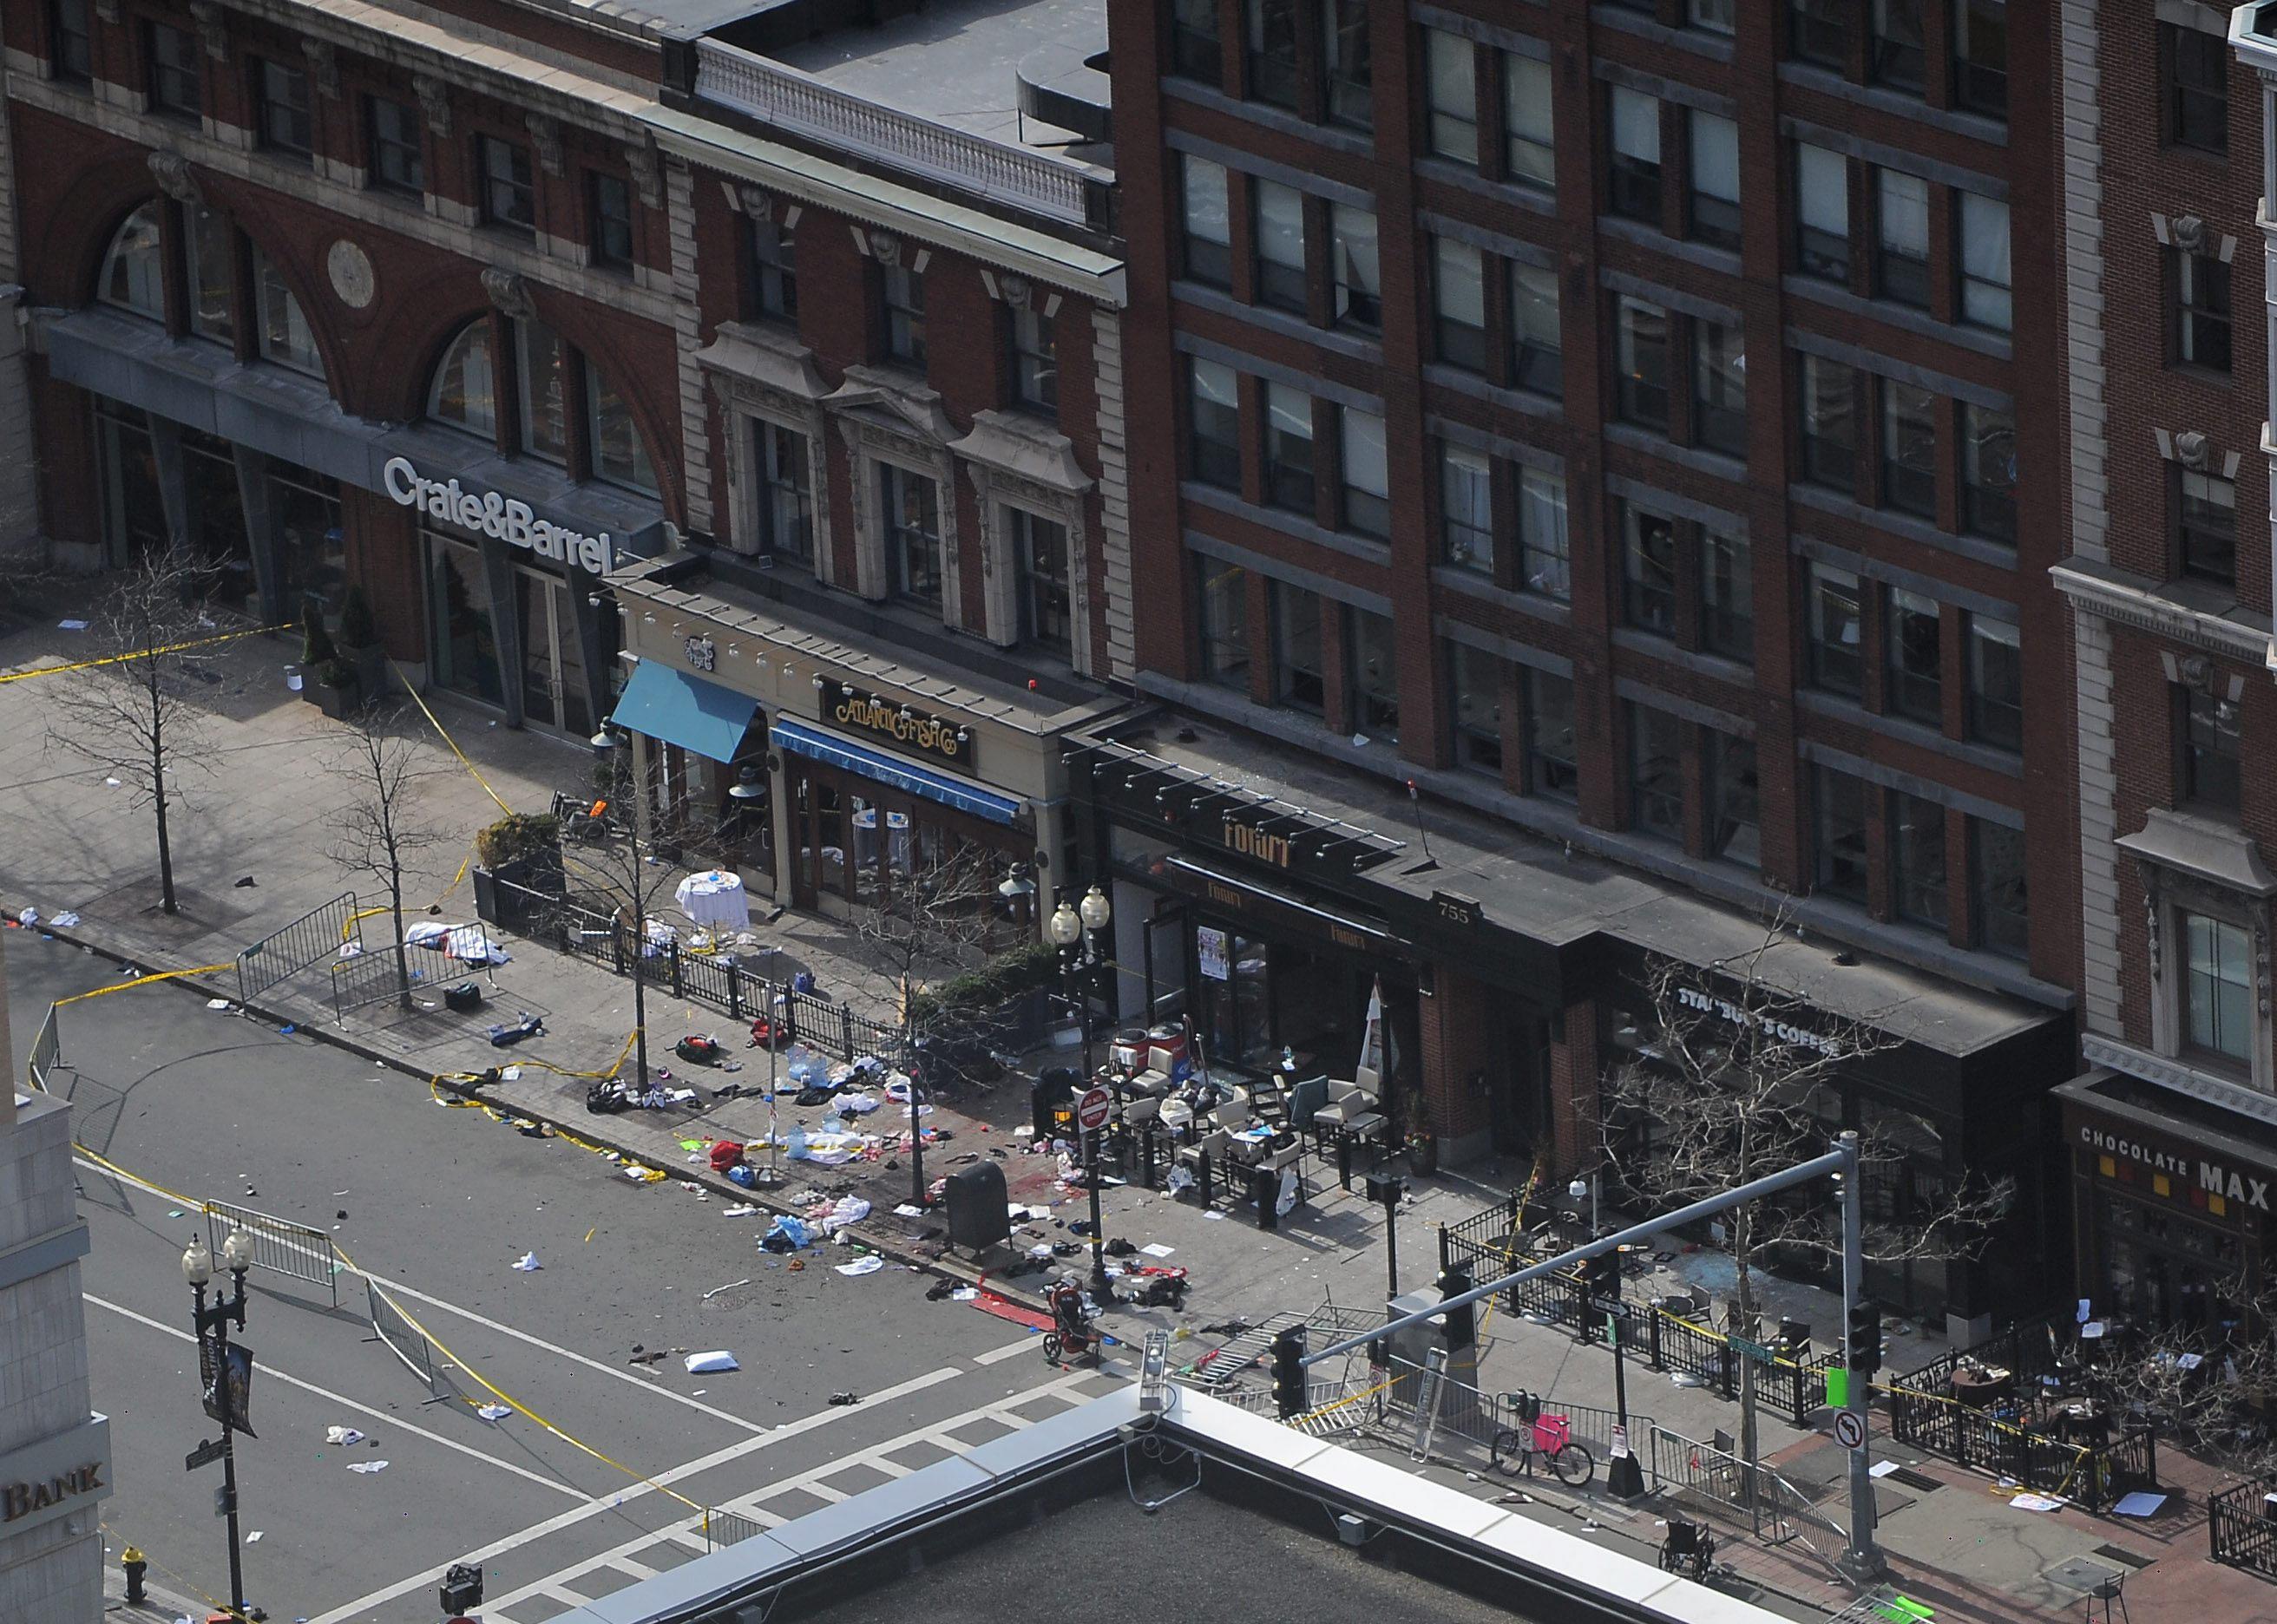 Una organización benéfica reparte 61 millones de dólares a las víctimas de Boston